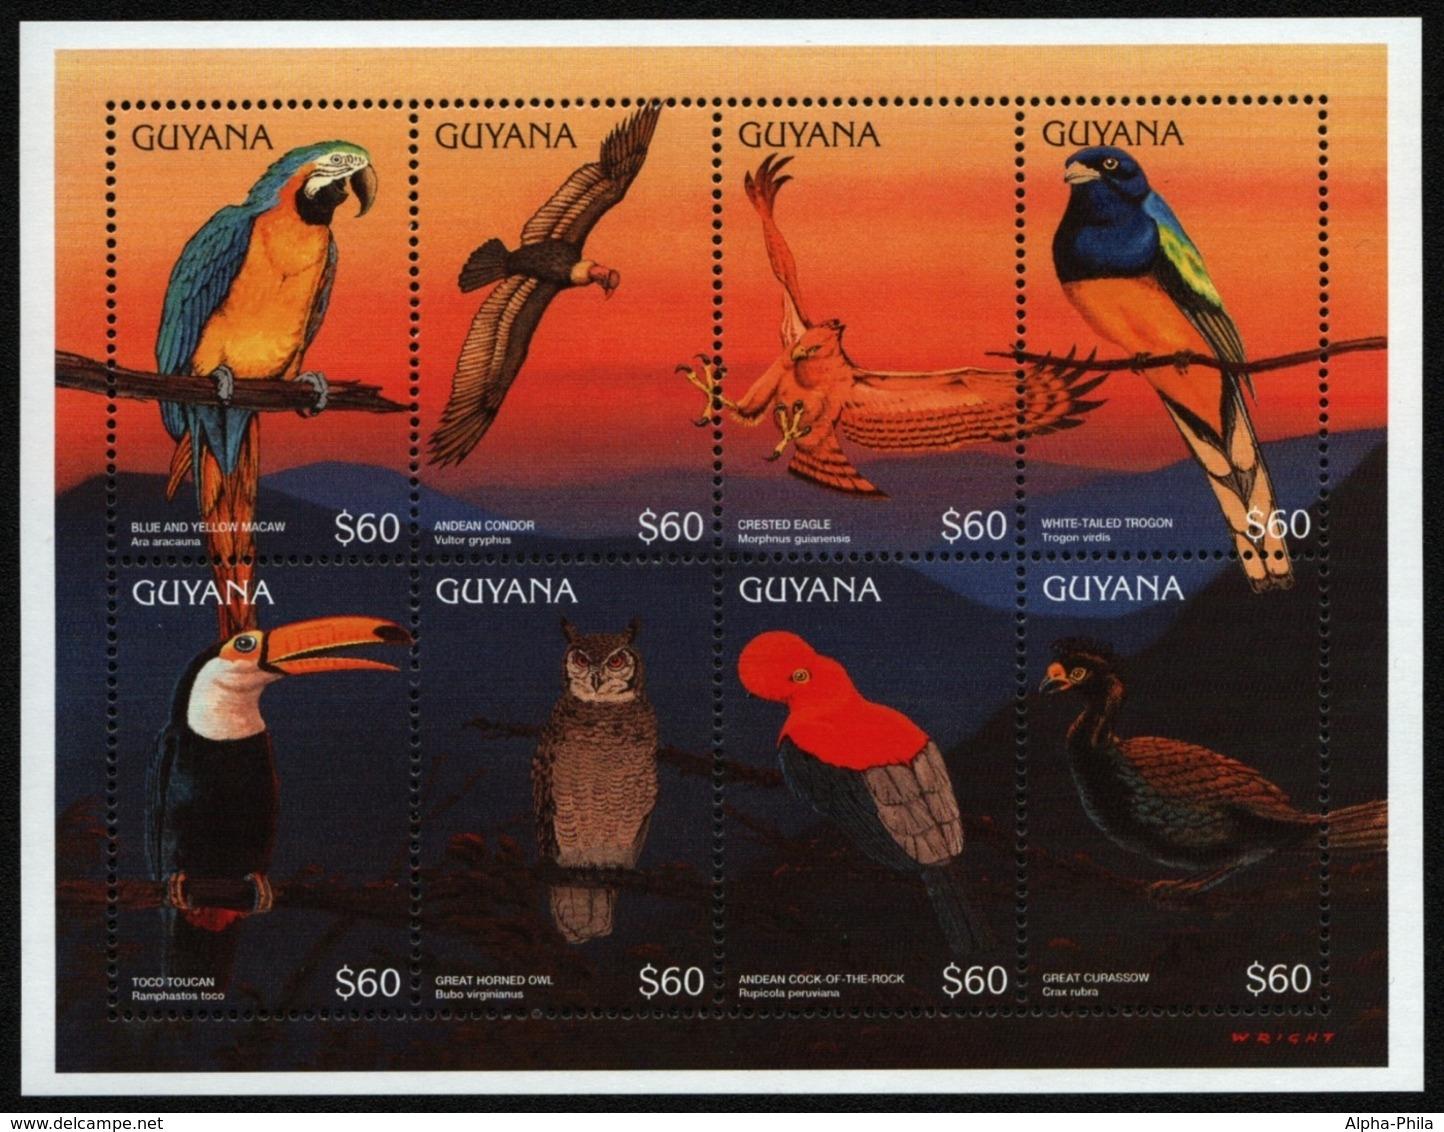 Guyana 1996 - Mi-Nr. 5563-5570 ** - MNH - Vögel / Birds - Guyana (1966-...)